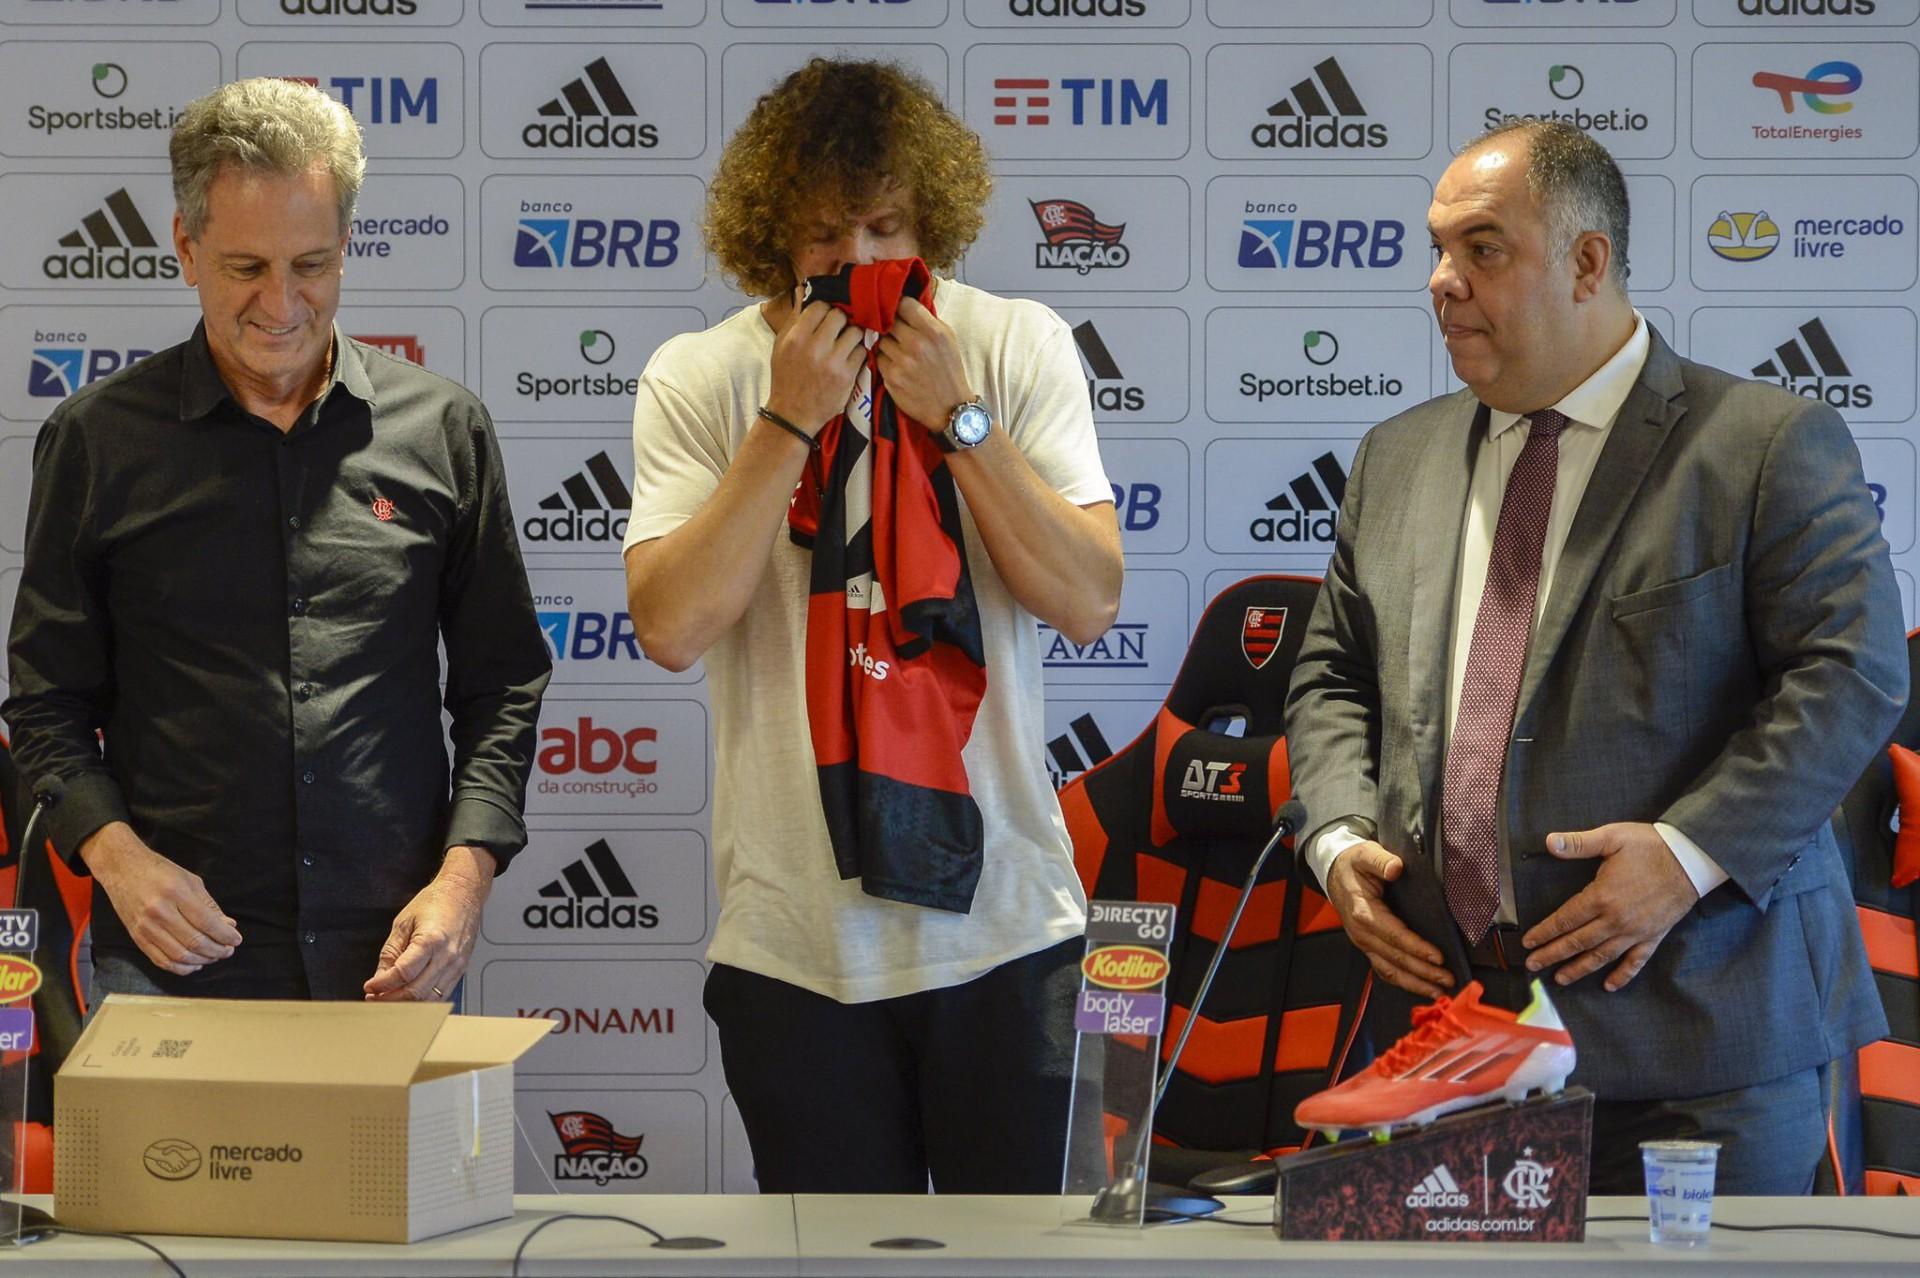 Apresentado pelo Flamengo, David Luiz fala sobre novos desafios em retorno ao Brasil: 'uma das melhores páginas que vou viver na minha carreira'